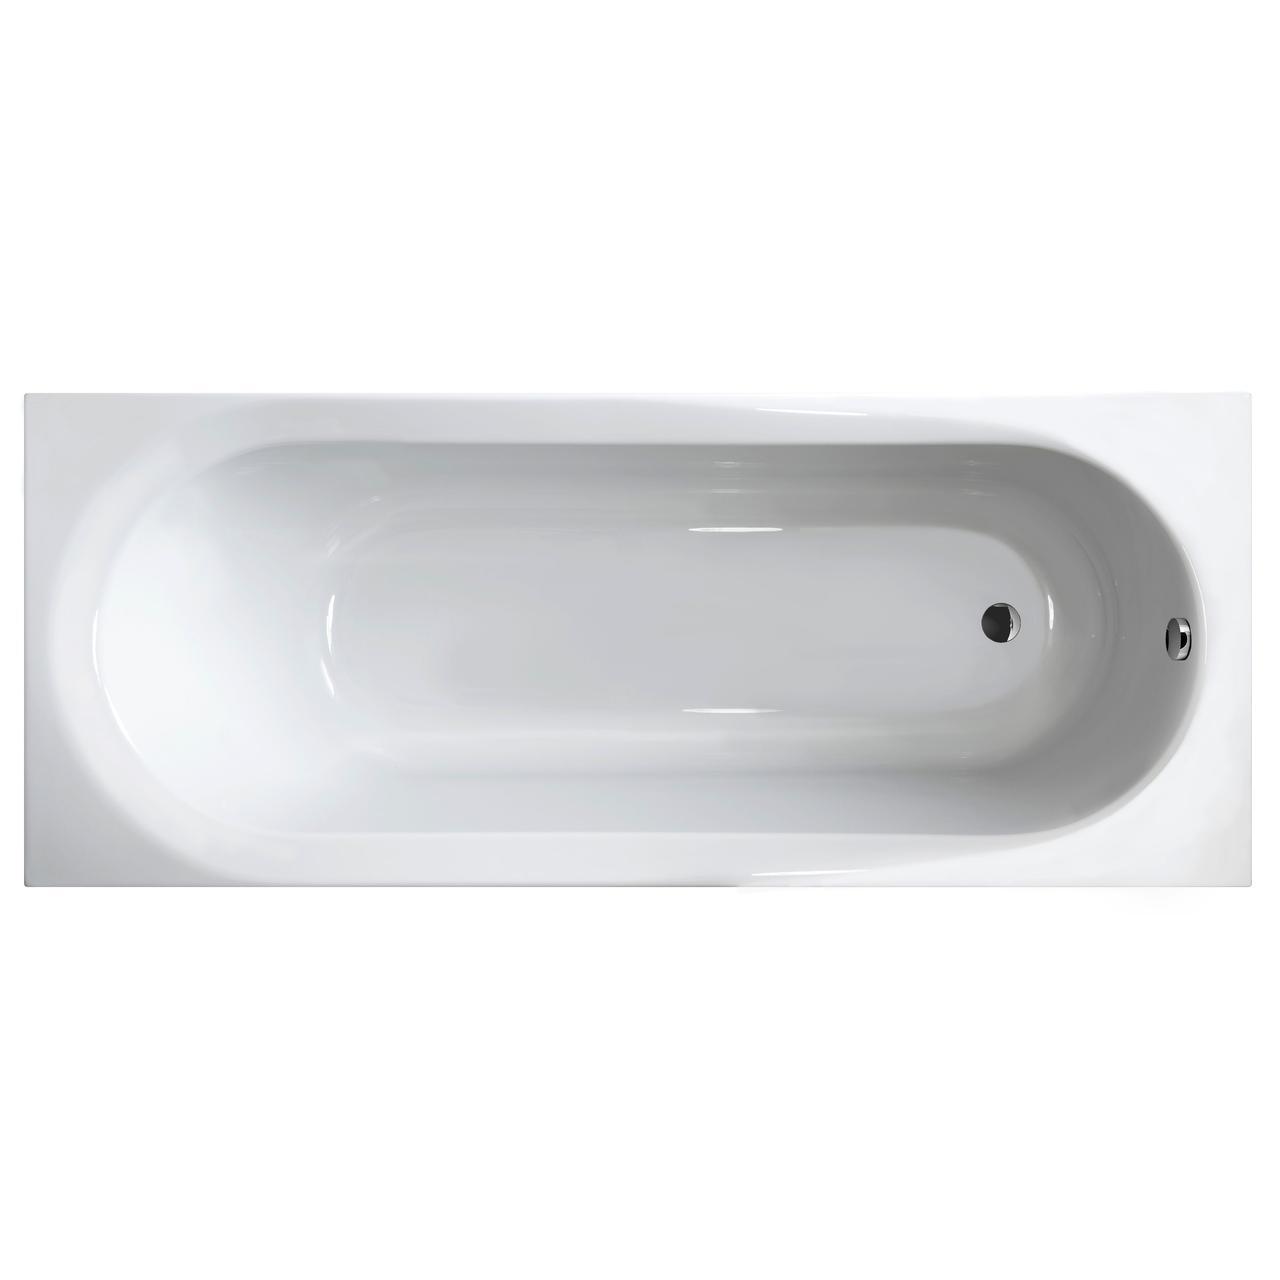 Нужно дешевле? Звоните. AIVA ванна 150*70*44 см без ножек, акрил 5мм